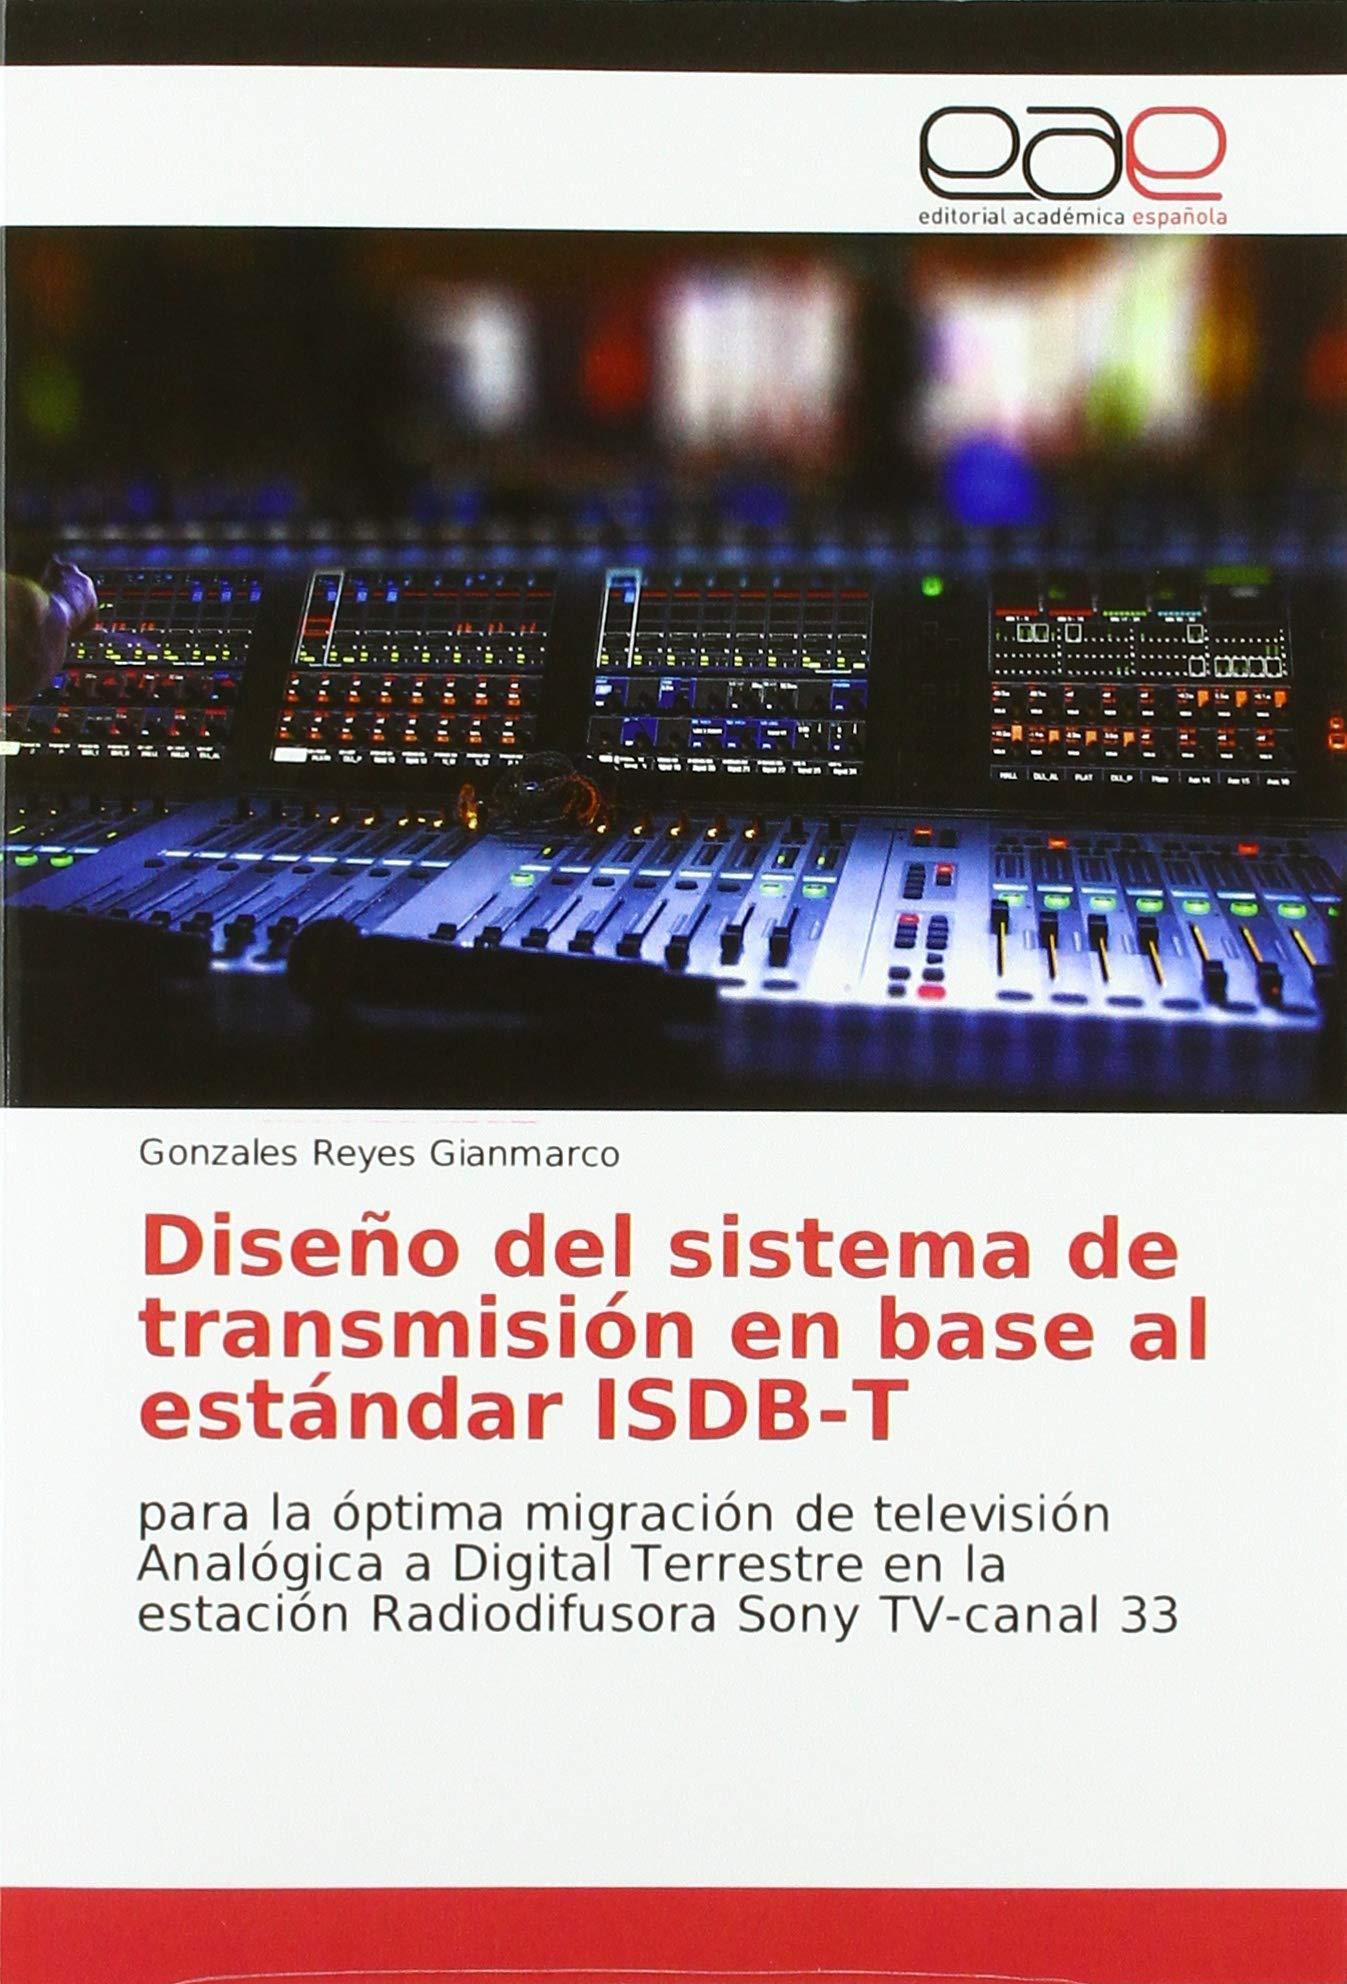 Diseño del sistema de transmisión en base al estándar ISDB-T: para la óptima migración de televisión Analógica a Digital Terrestre en la estación Radiodifusora Sony TV-canal 33: Amazon.es: Gianmarco, Gonzales Reyes: Libros